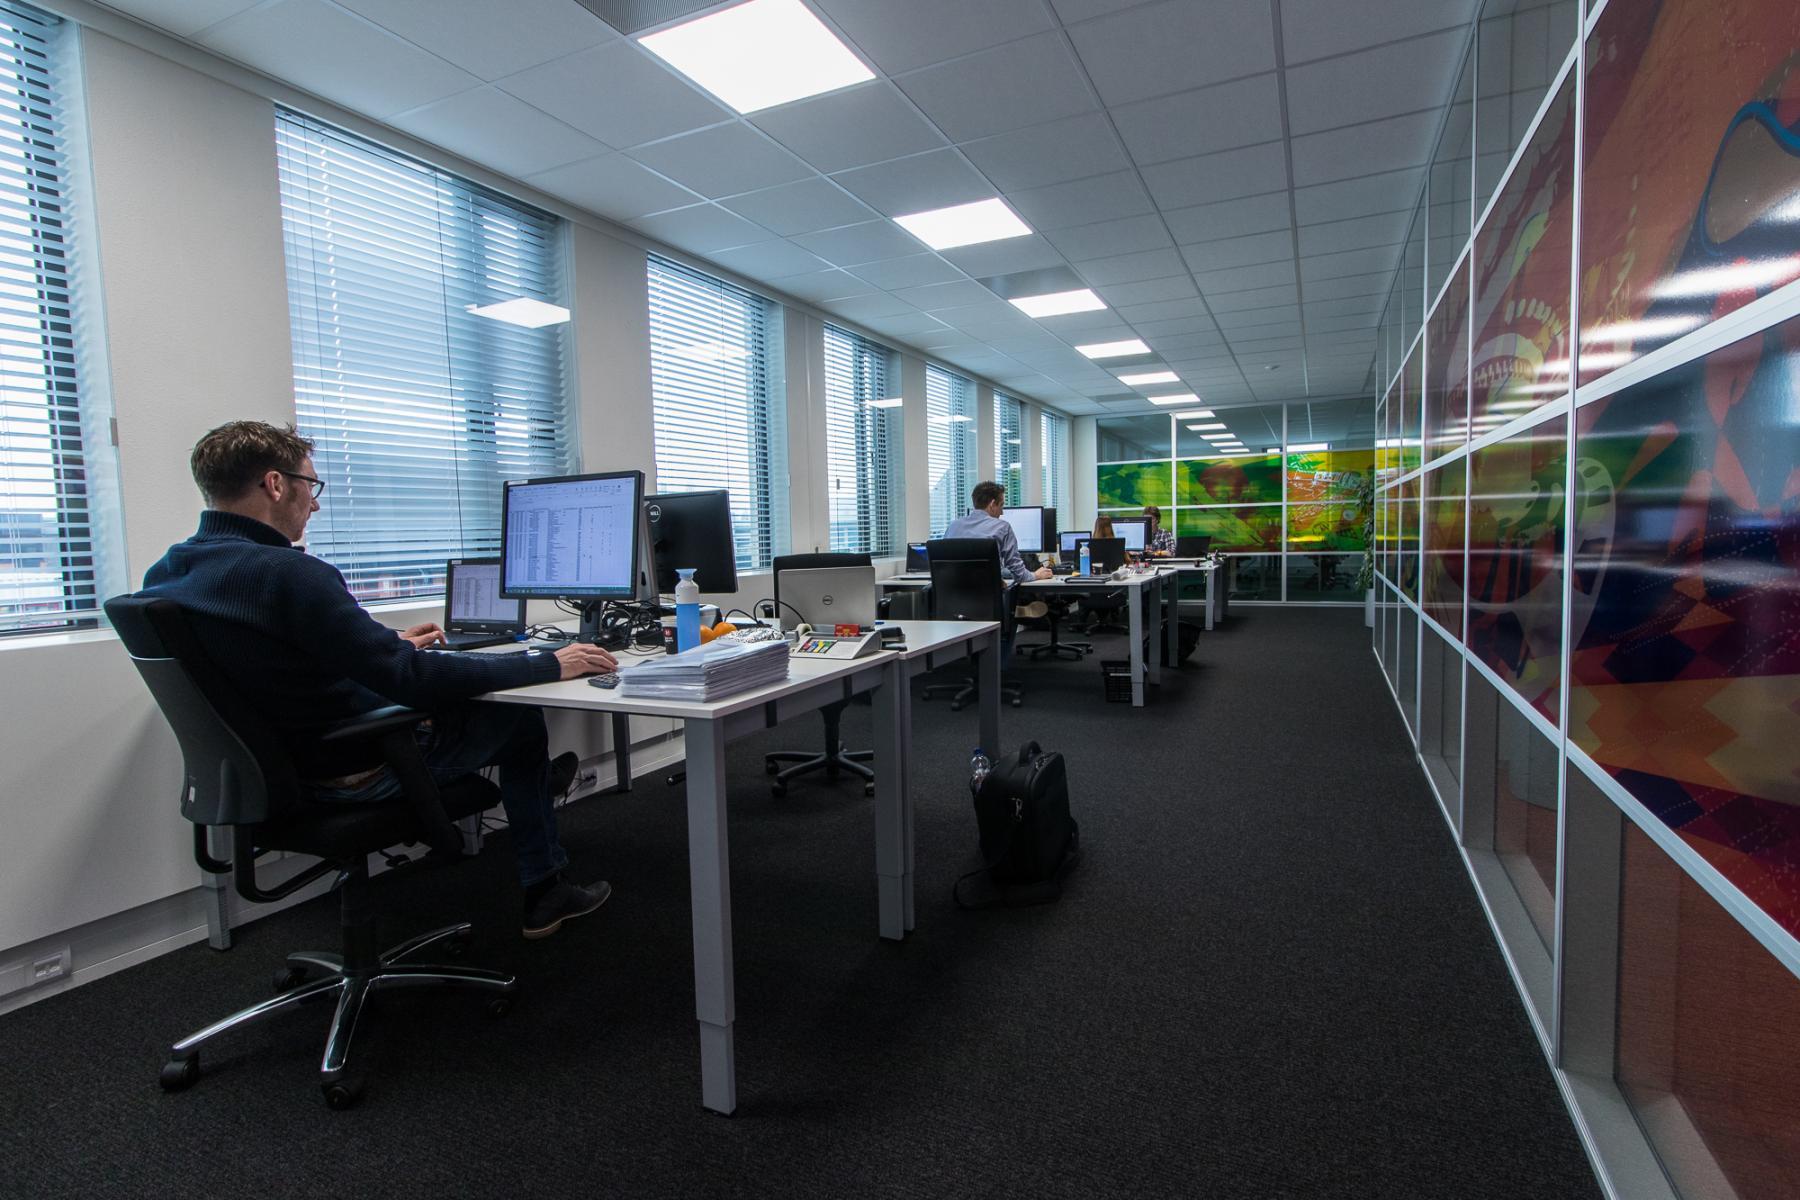 Office space in Son en Breugel